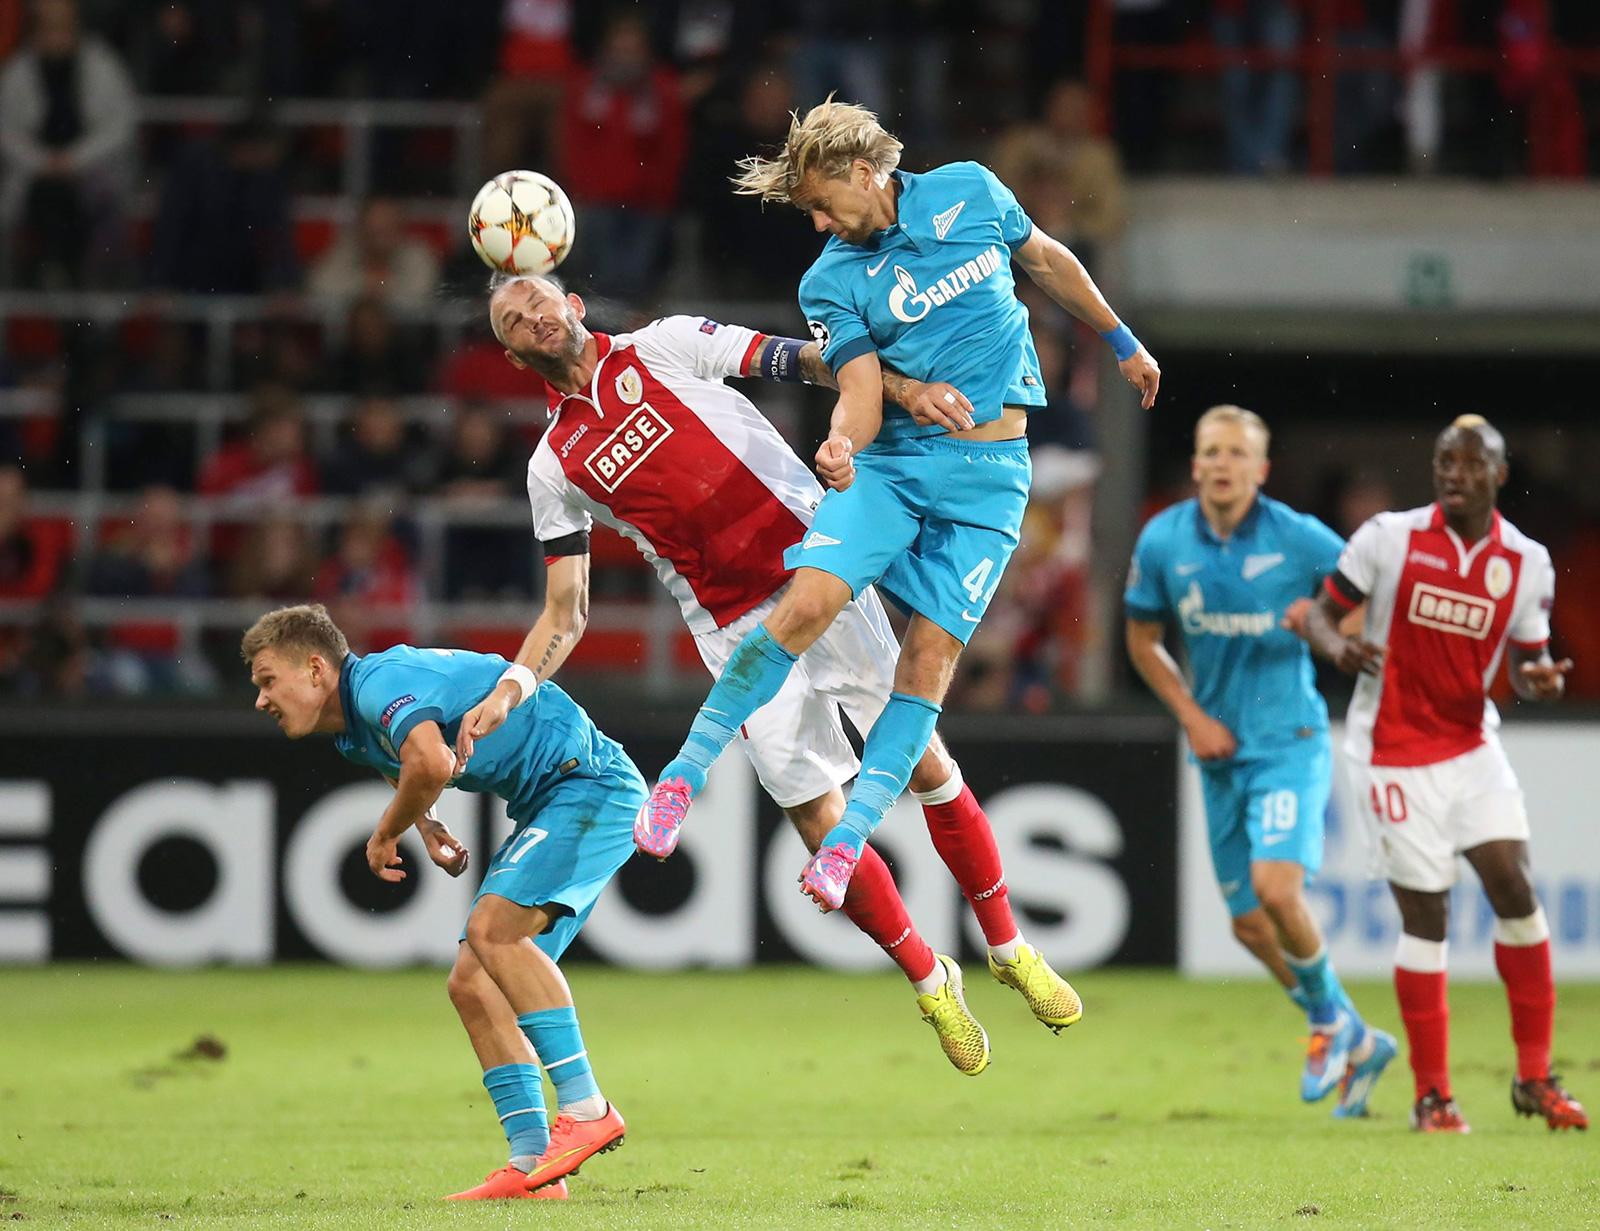 Match Zenith St Petersbourg Standard Liege en direct sur la chaîne beIN Sports 2 à partir de 18h